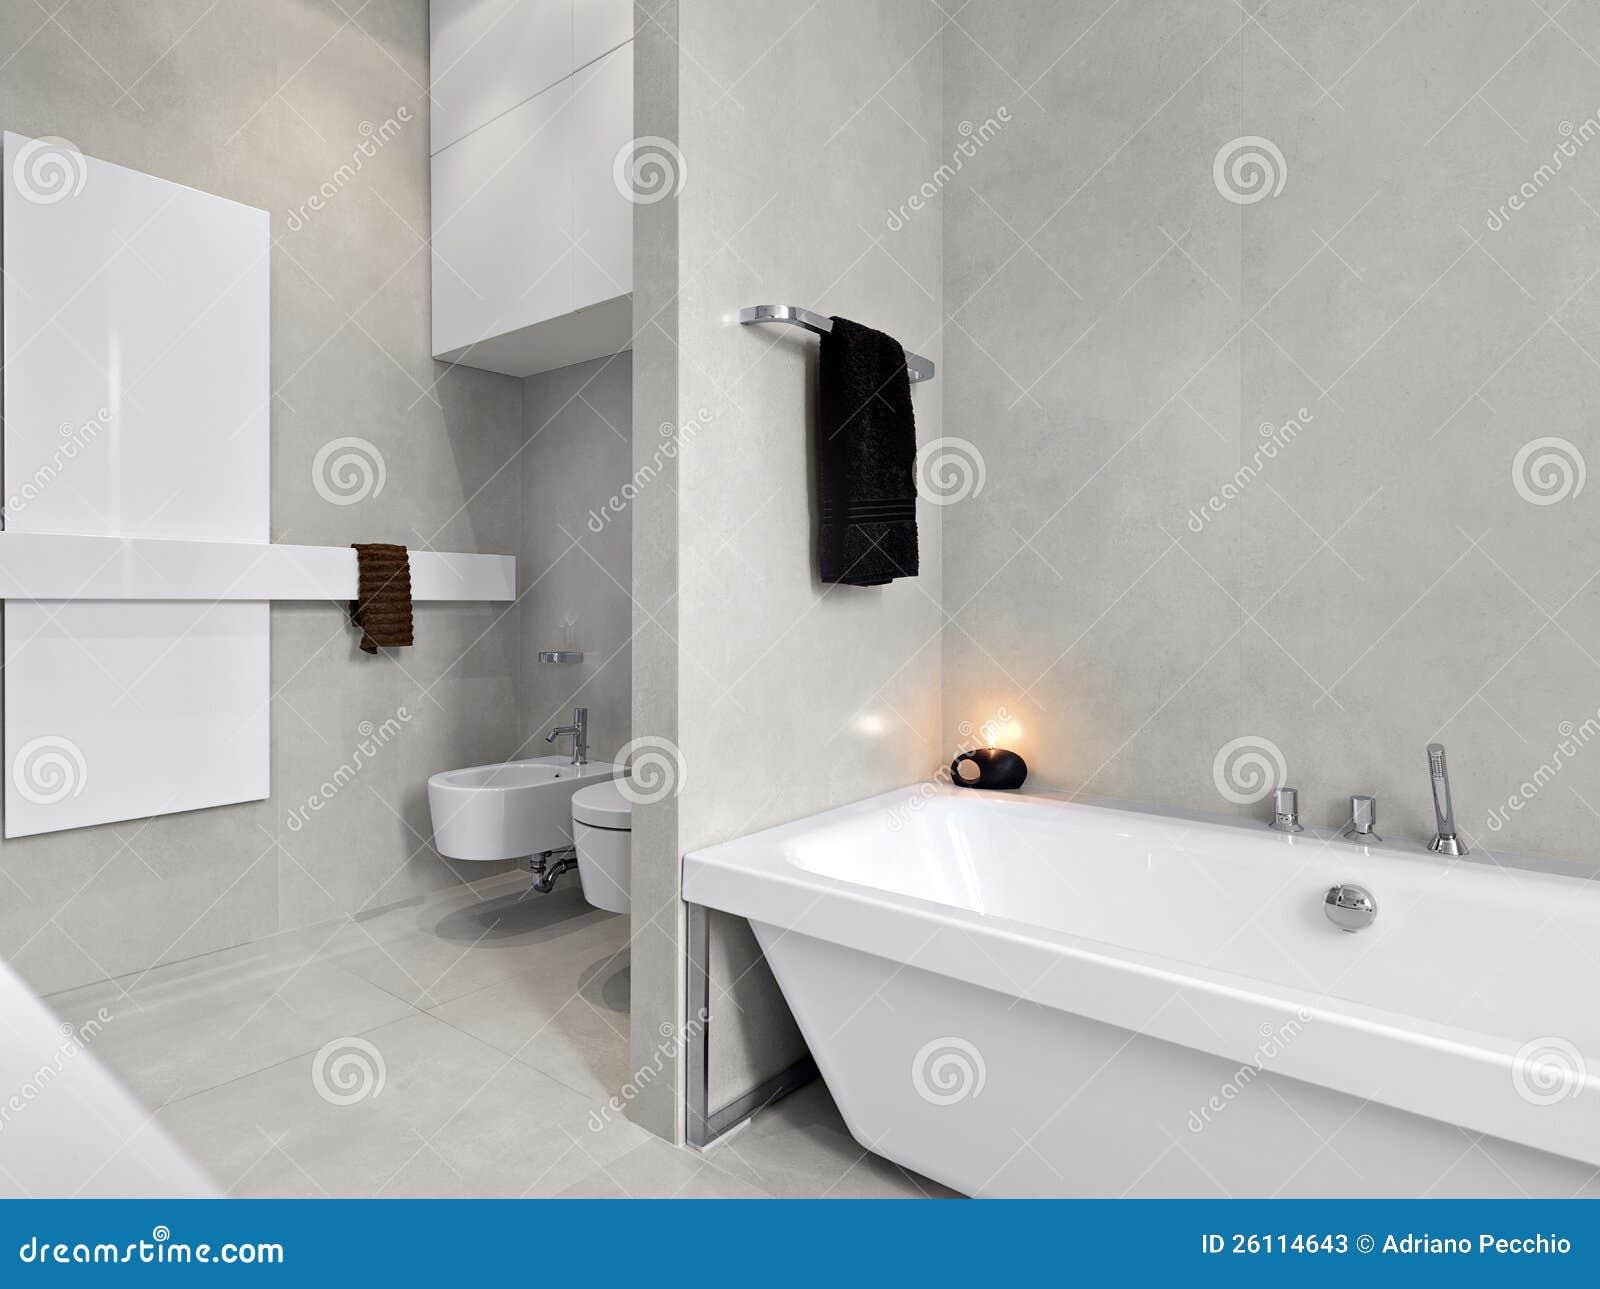 Vasca da bagno bianca moderna per la stanza da bagno - Vasca da bagno libera installazione ...